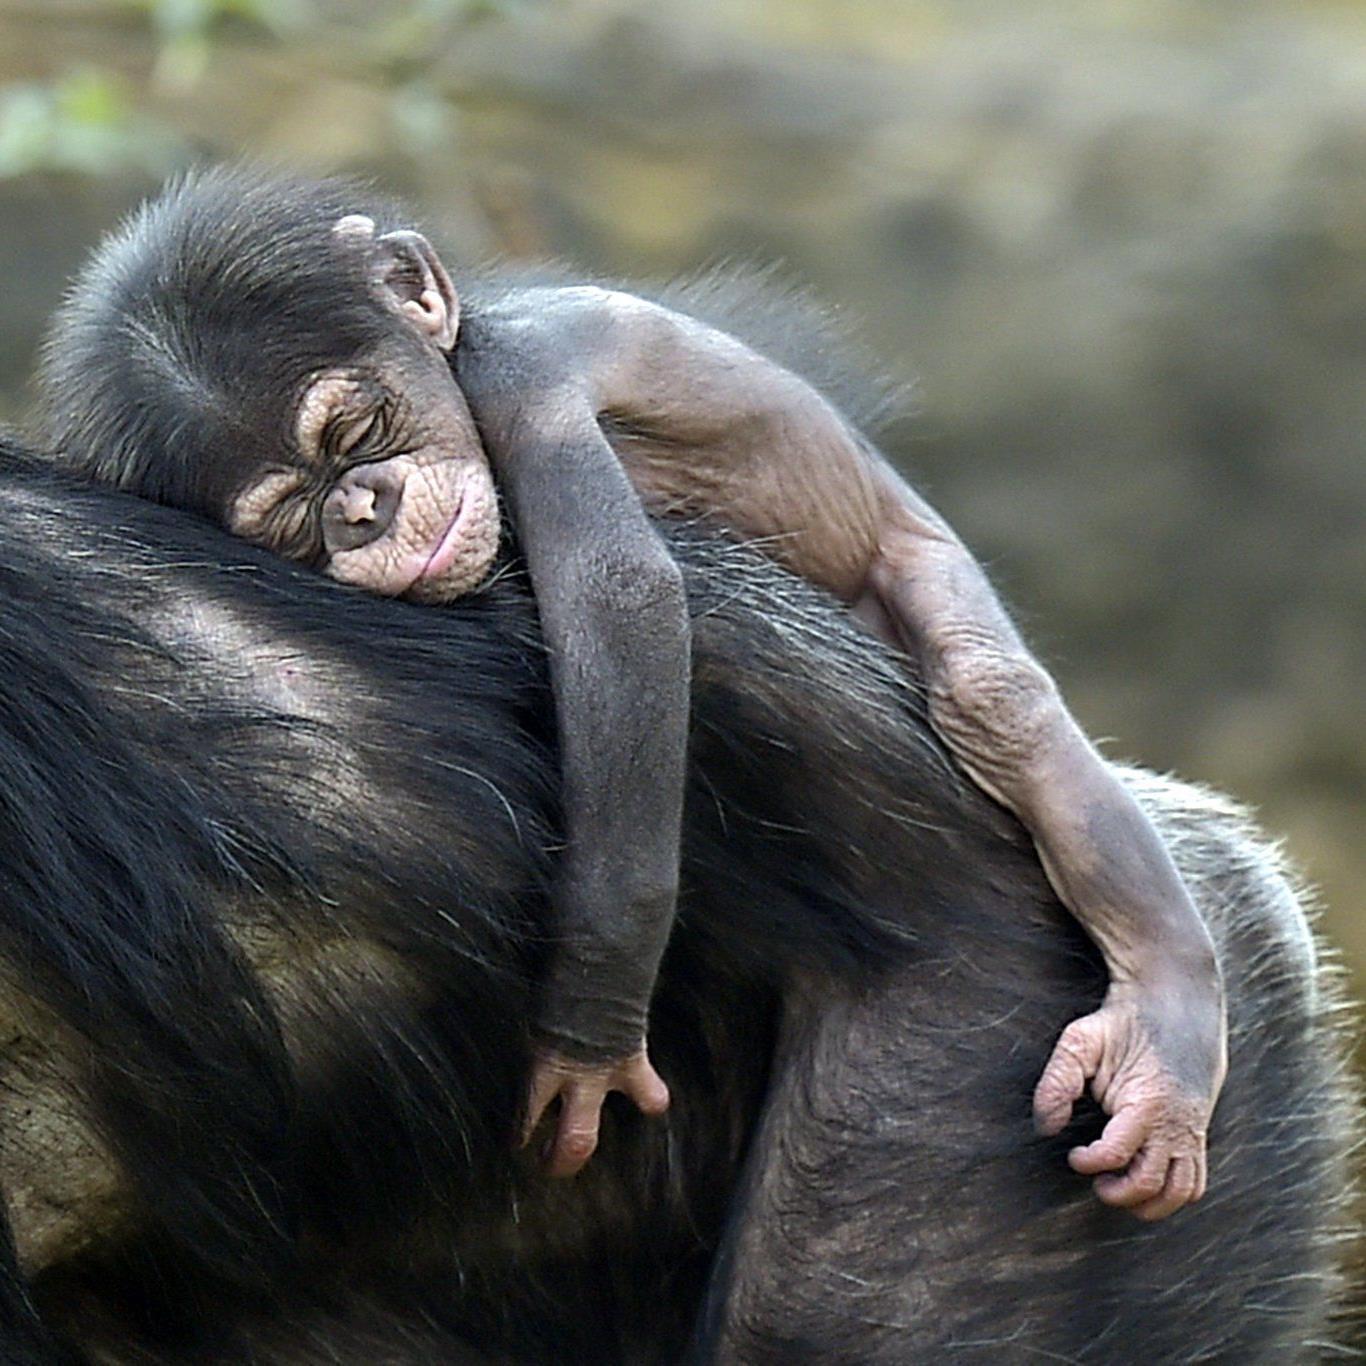 Schimpansen-Fürsorge könnte Sozialverhalten erklären helfen.